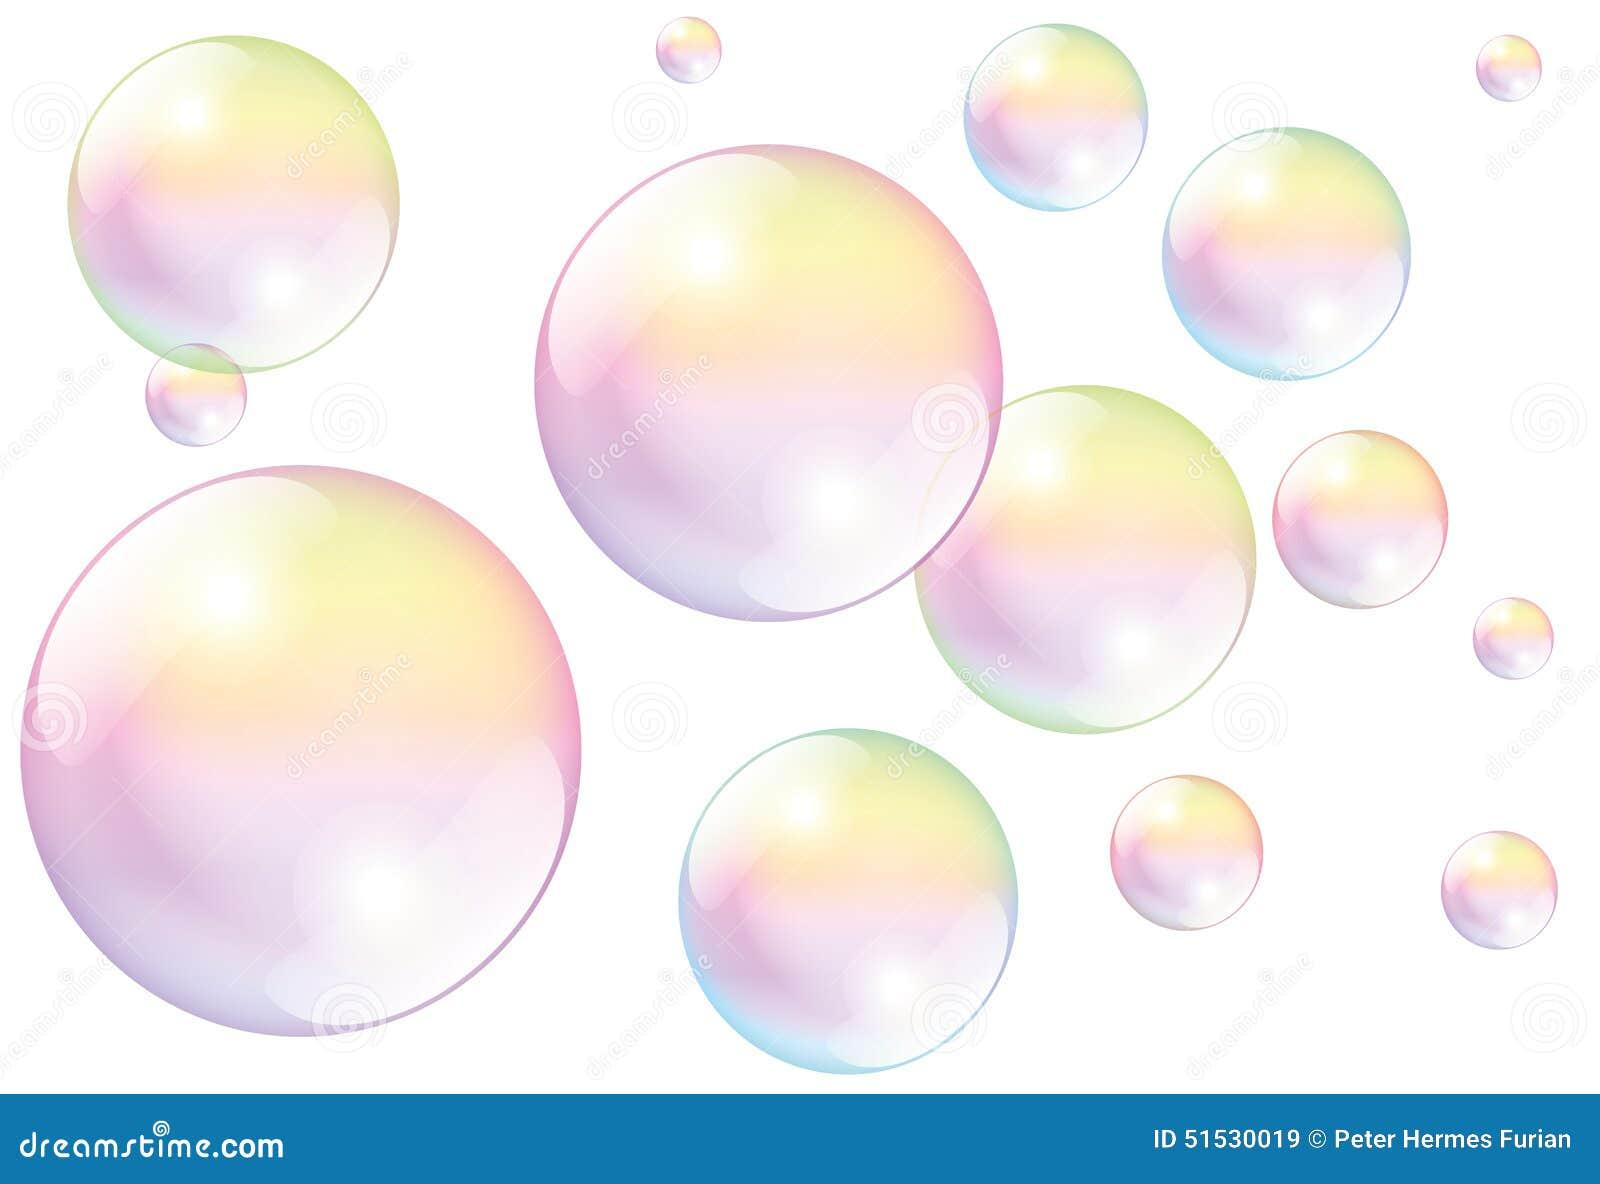 Seifenblasen wei vektor abbildung bild 51530019 for Seifenblasen auf englisch